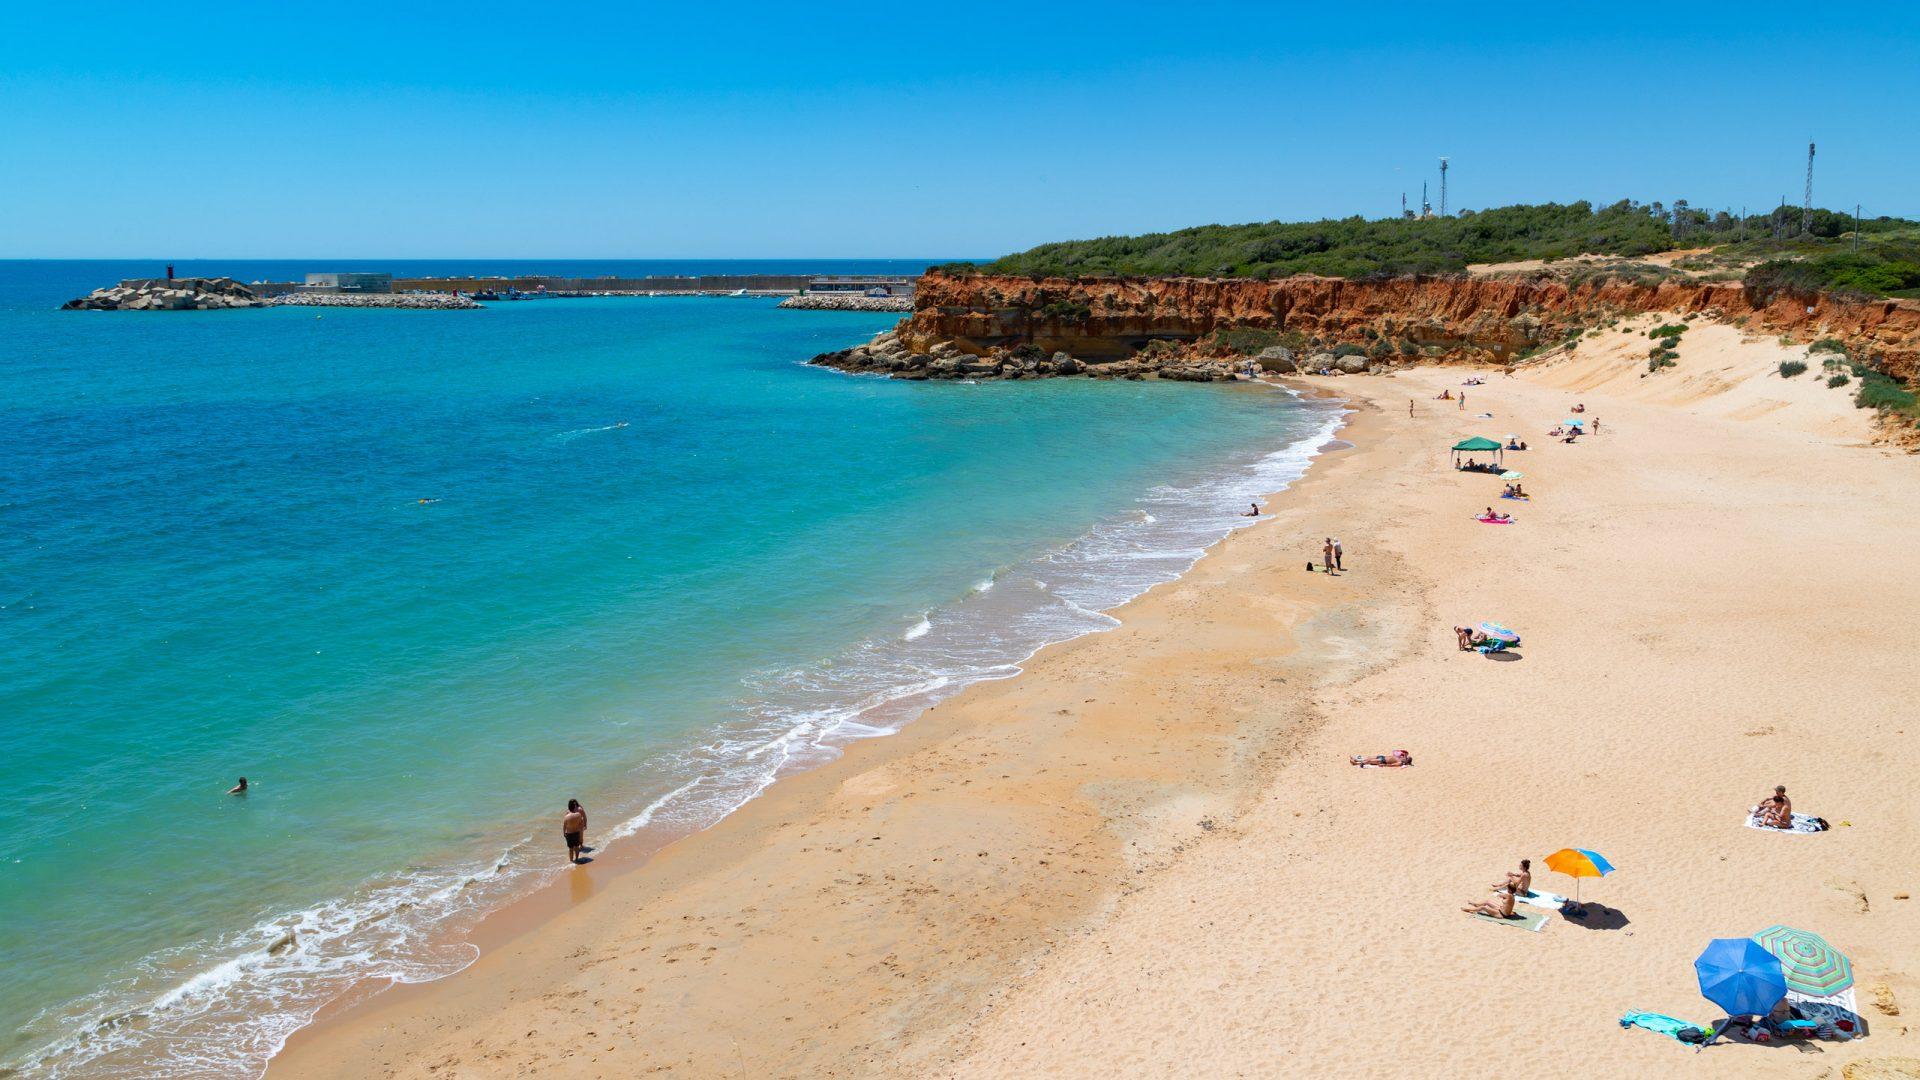 Playa de Los Bateles, Conil de la Frontera, Spain